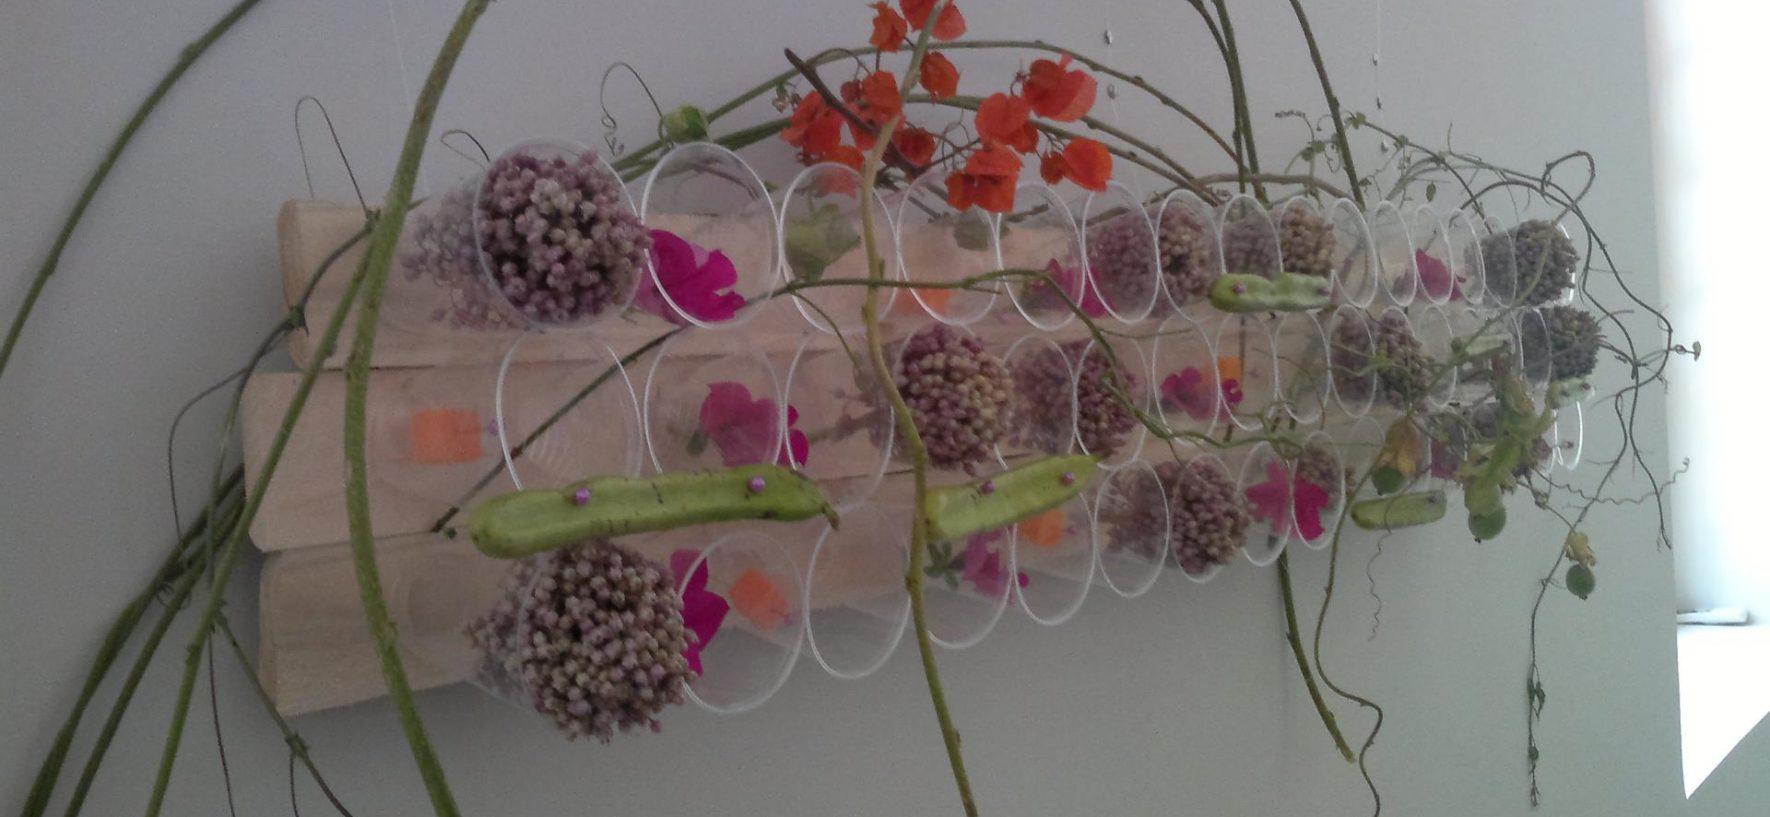 Trabajos experimentales en arte floral